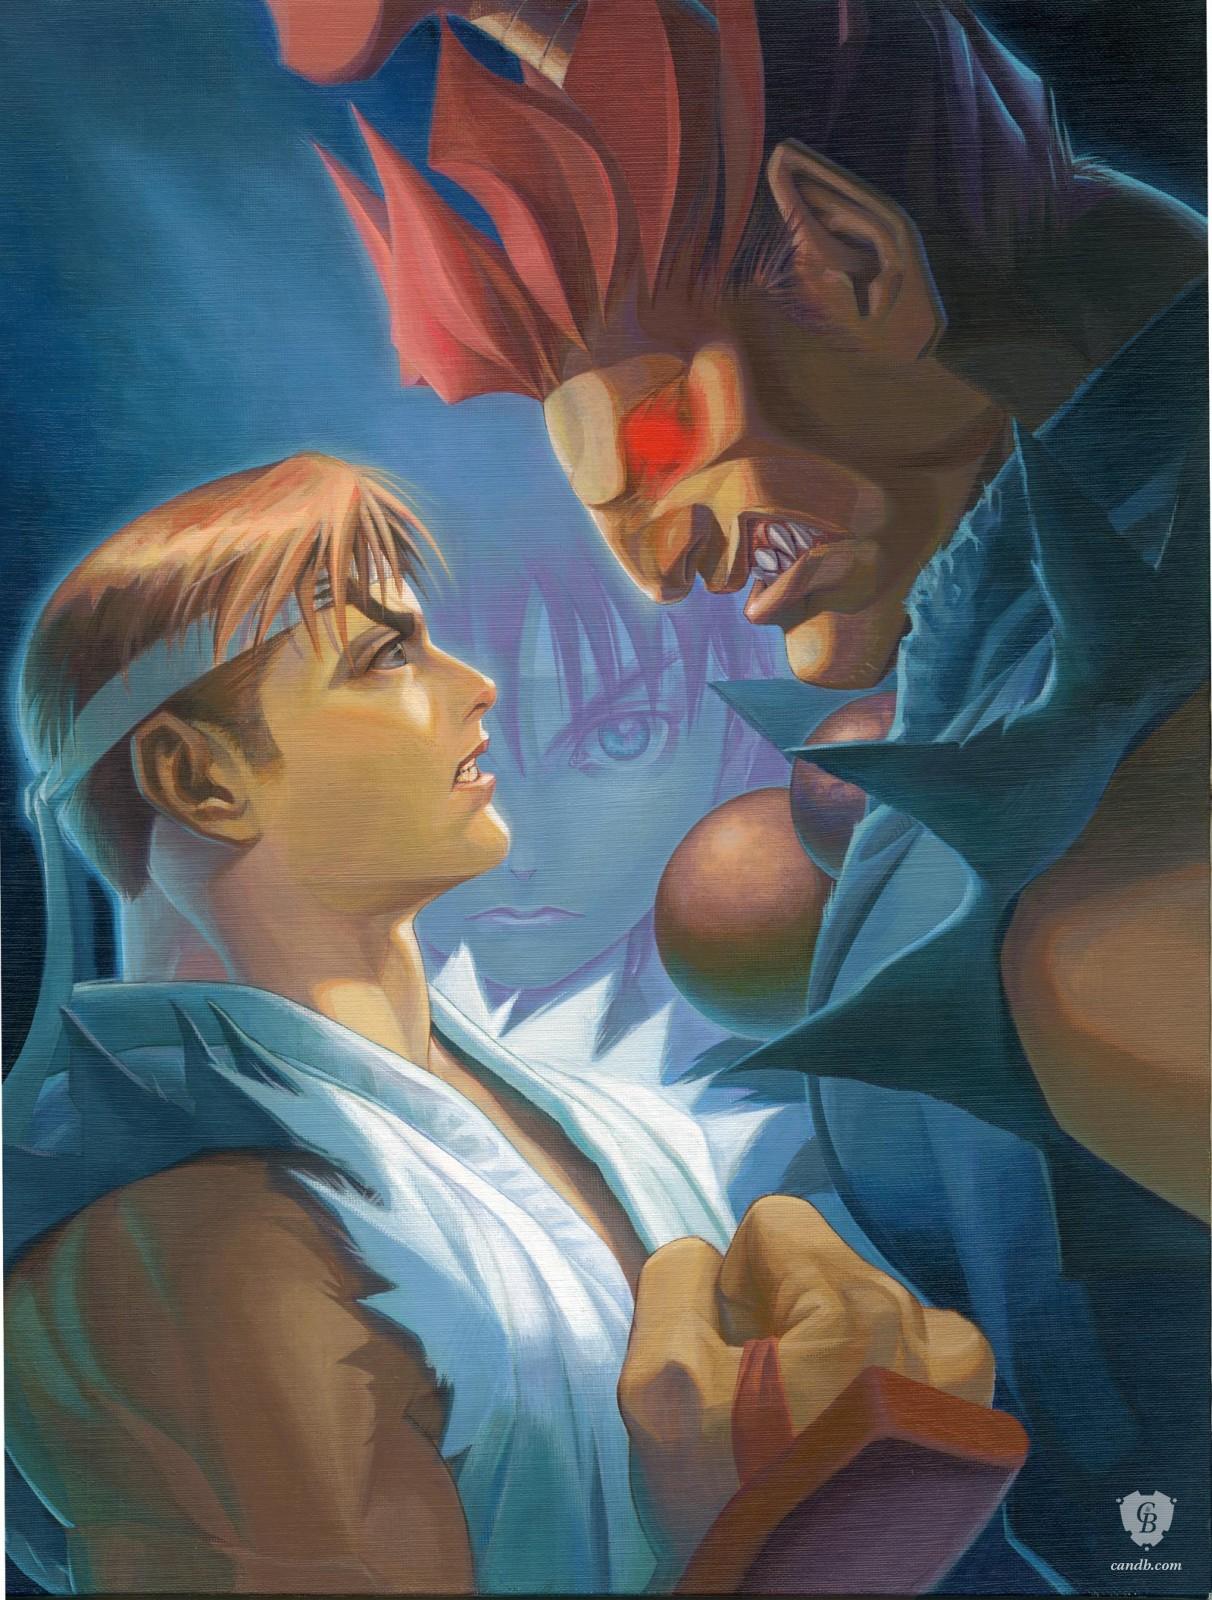 Artwork Ryu vs Akuma Capcom